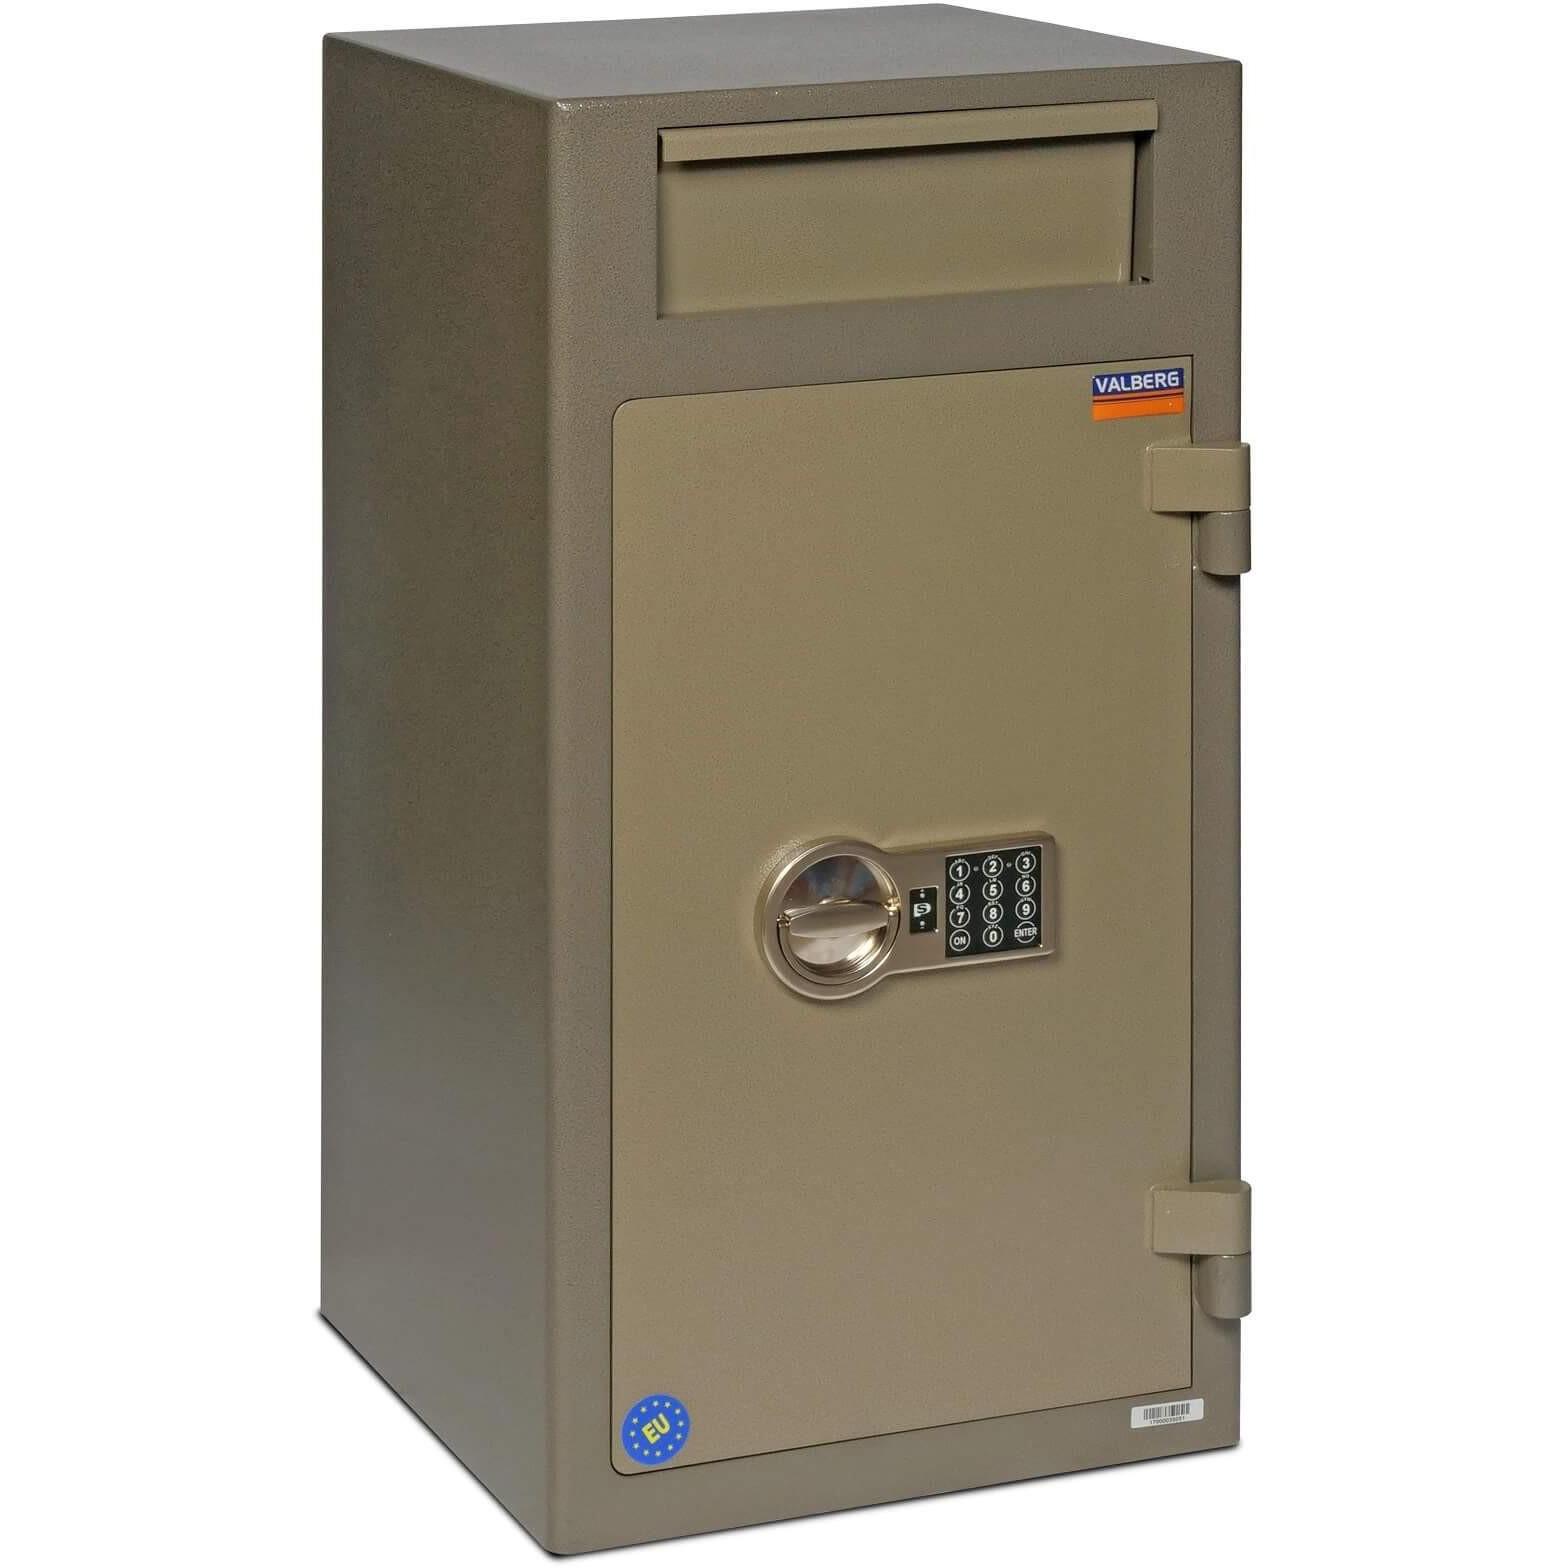 Valberg ASD 32 EL Digital Lock Deposit Safe